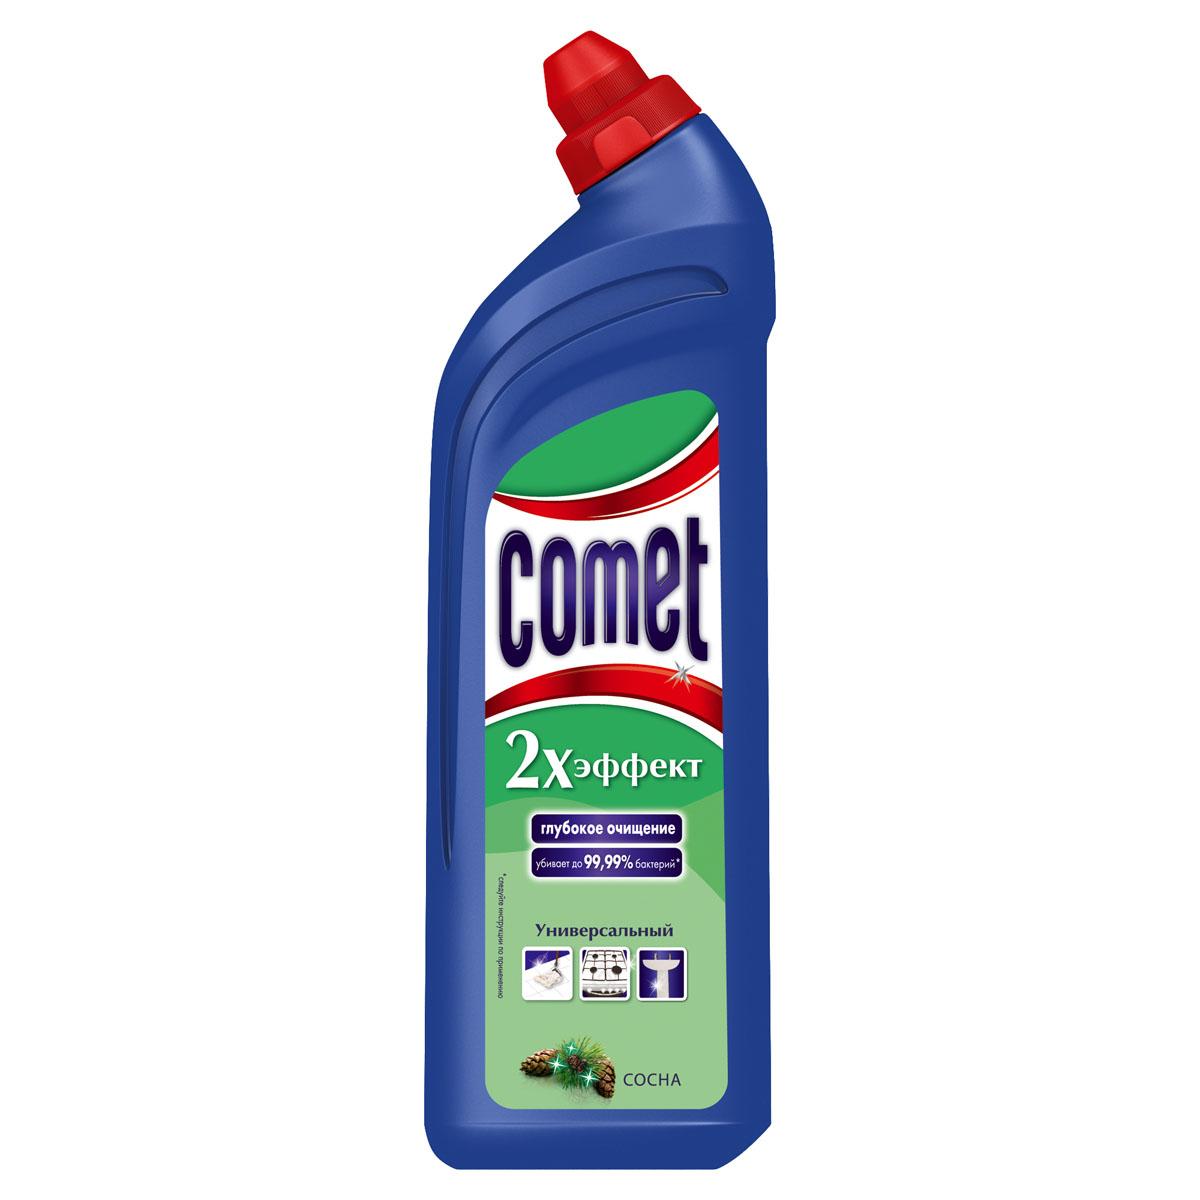 Универсальный чистящий гель Comet Двойной эффект, с ароматом сосны, 1 лCG-80227828Универсальный чистящий гель Comet Двойной эффект предназначен для глубокого очищения поверхностей. Эффективно удаляет повседневные загрязнения и обычный жир во всем доме, а также дезинфицирует поверхности. Средство подходит для плит (в том числе стеклокерамических), ванн, раковин, унитазов, кафеля, мытья полов. Обладает приятным ароматом сосны.